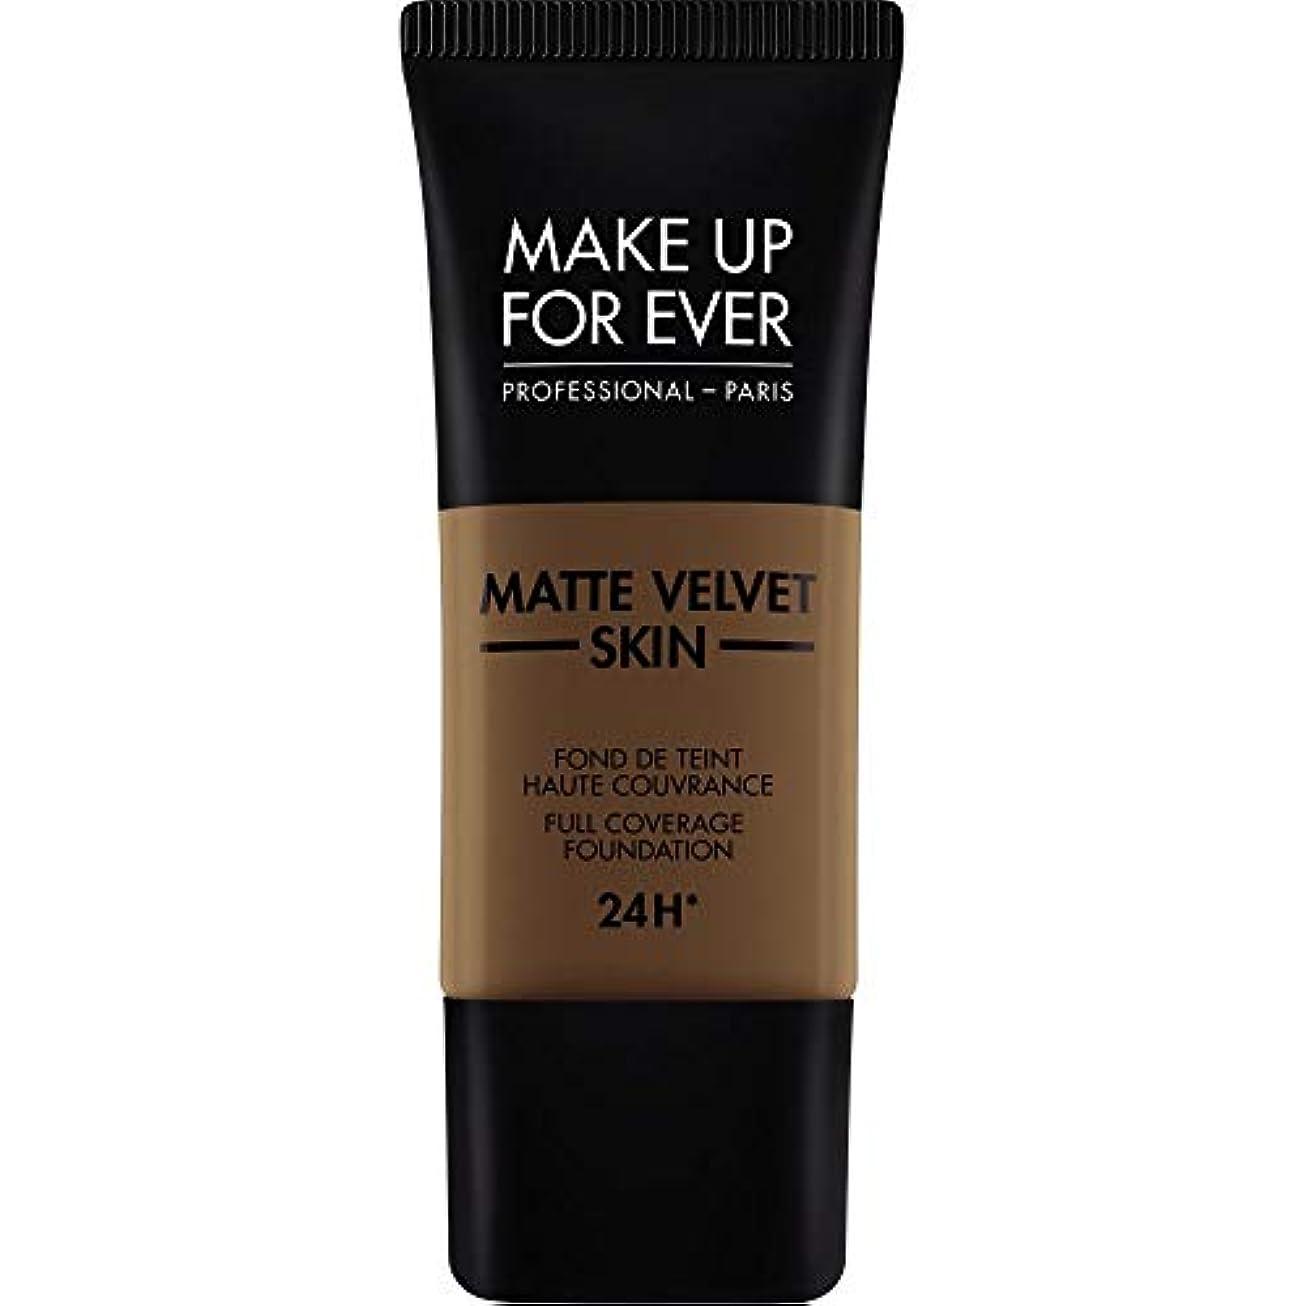 メイド銀行不健全[MAKE UP FOR EVER ] ダークブラウン - これまでマットベルベットの皮膚のフルカバレッジ基礎30ミリリットルのR540を補います - MAKE UP FOR EVER Matte Velvet Skin...